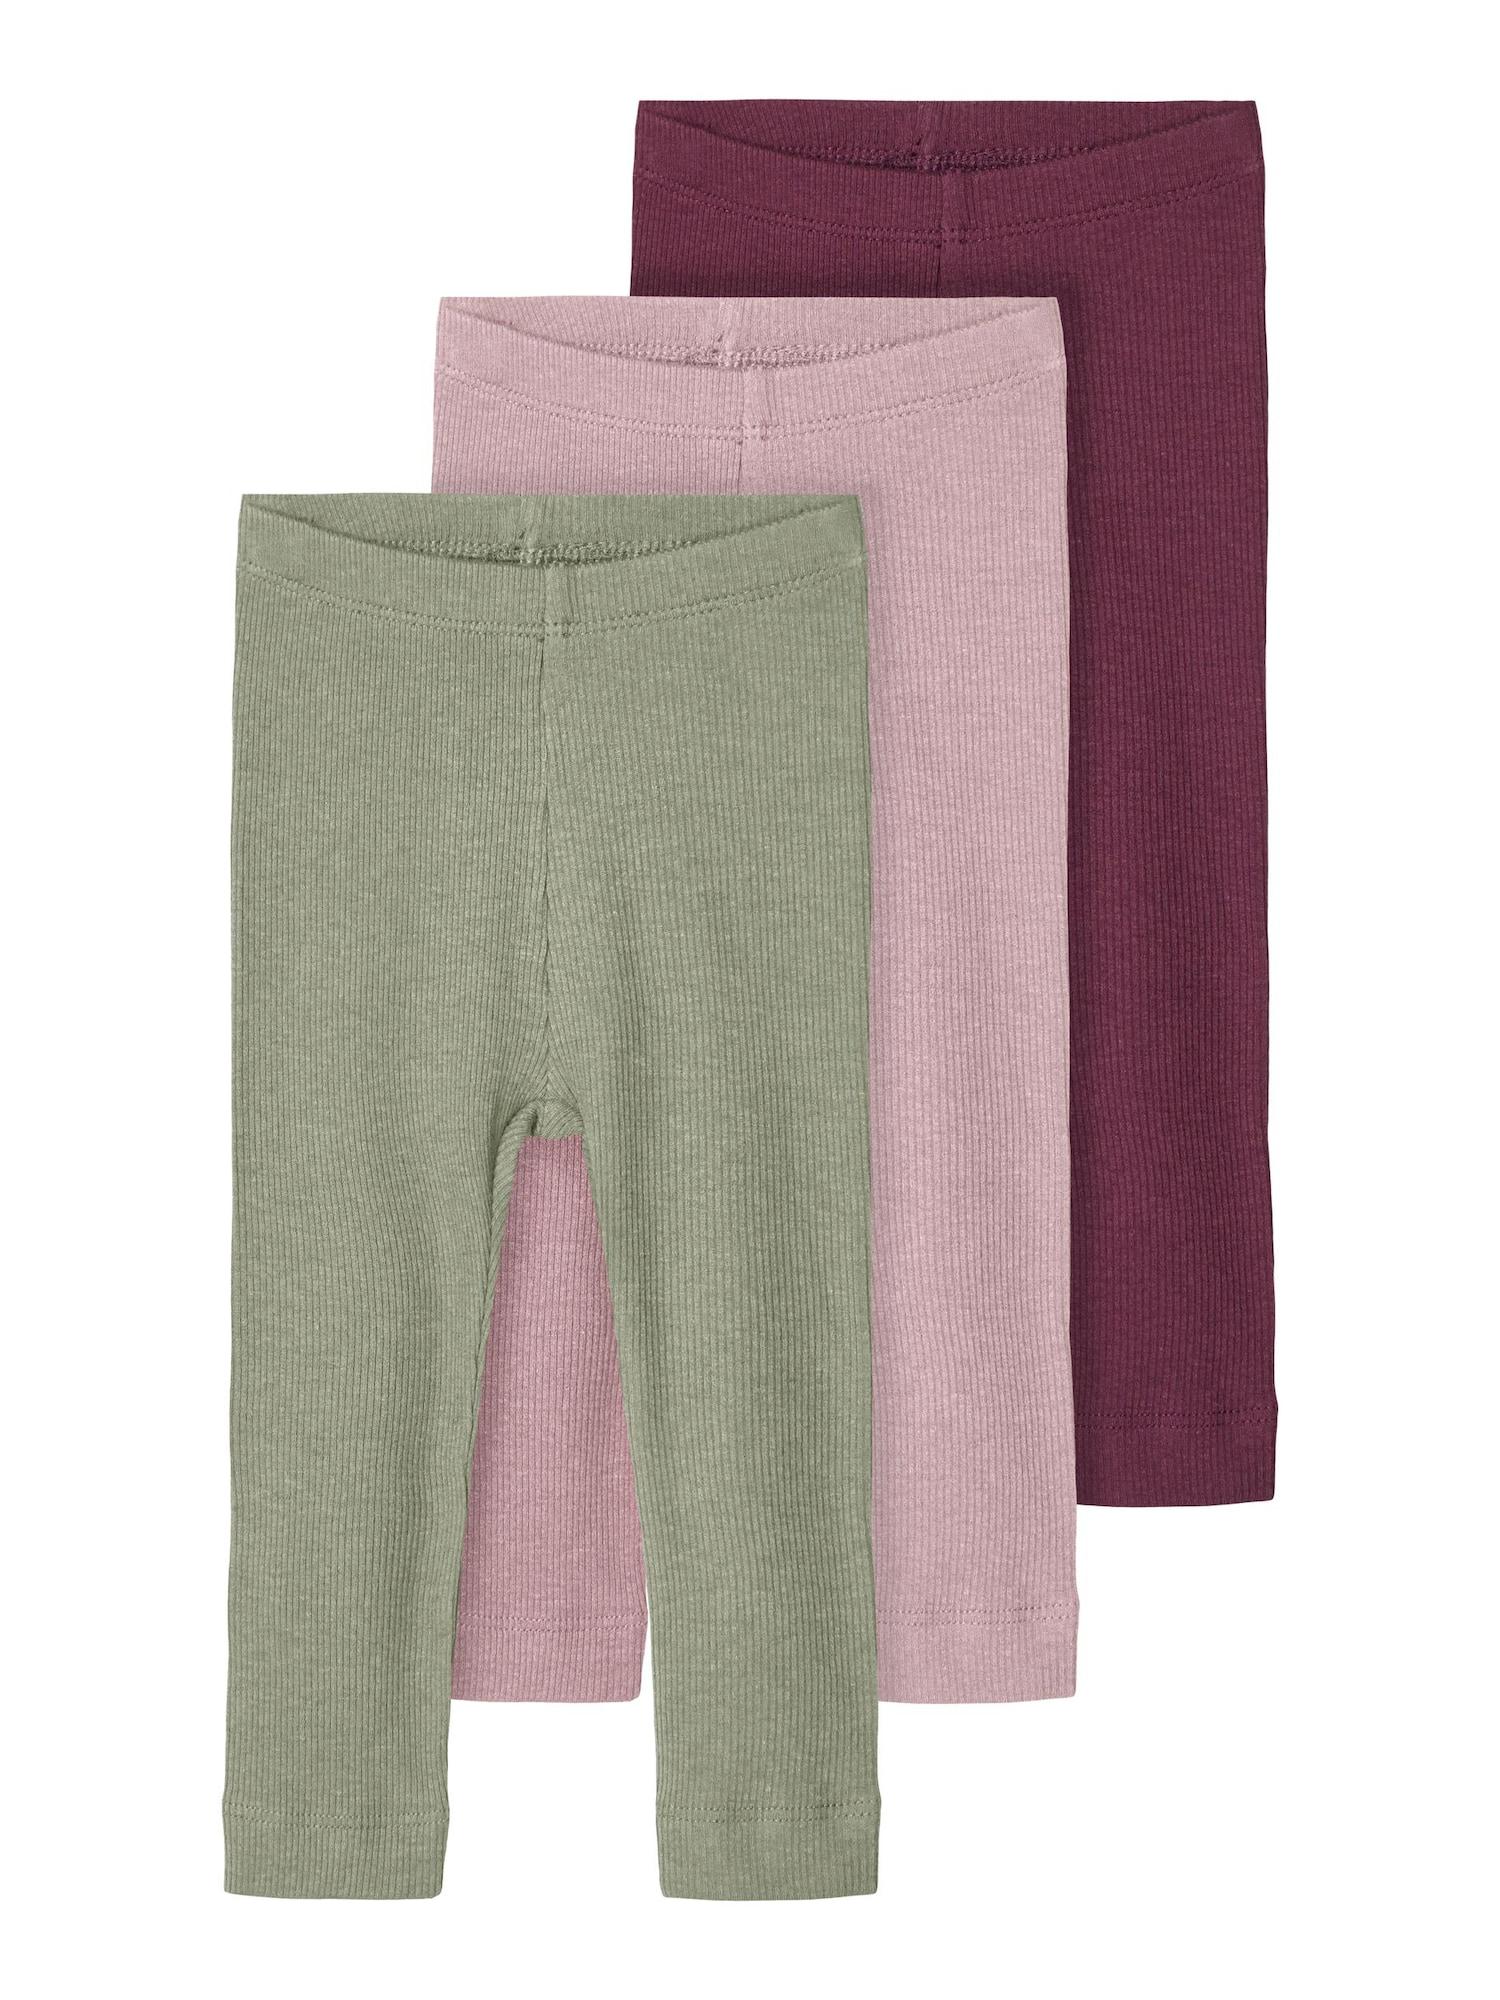 NAME IT Tamprės 'ROSEMARIE' pastelinė žalia / uogų spalva / purpurinė